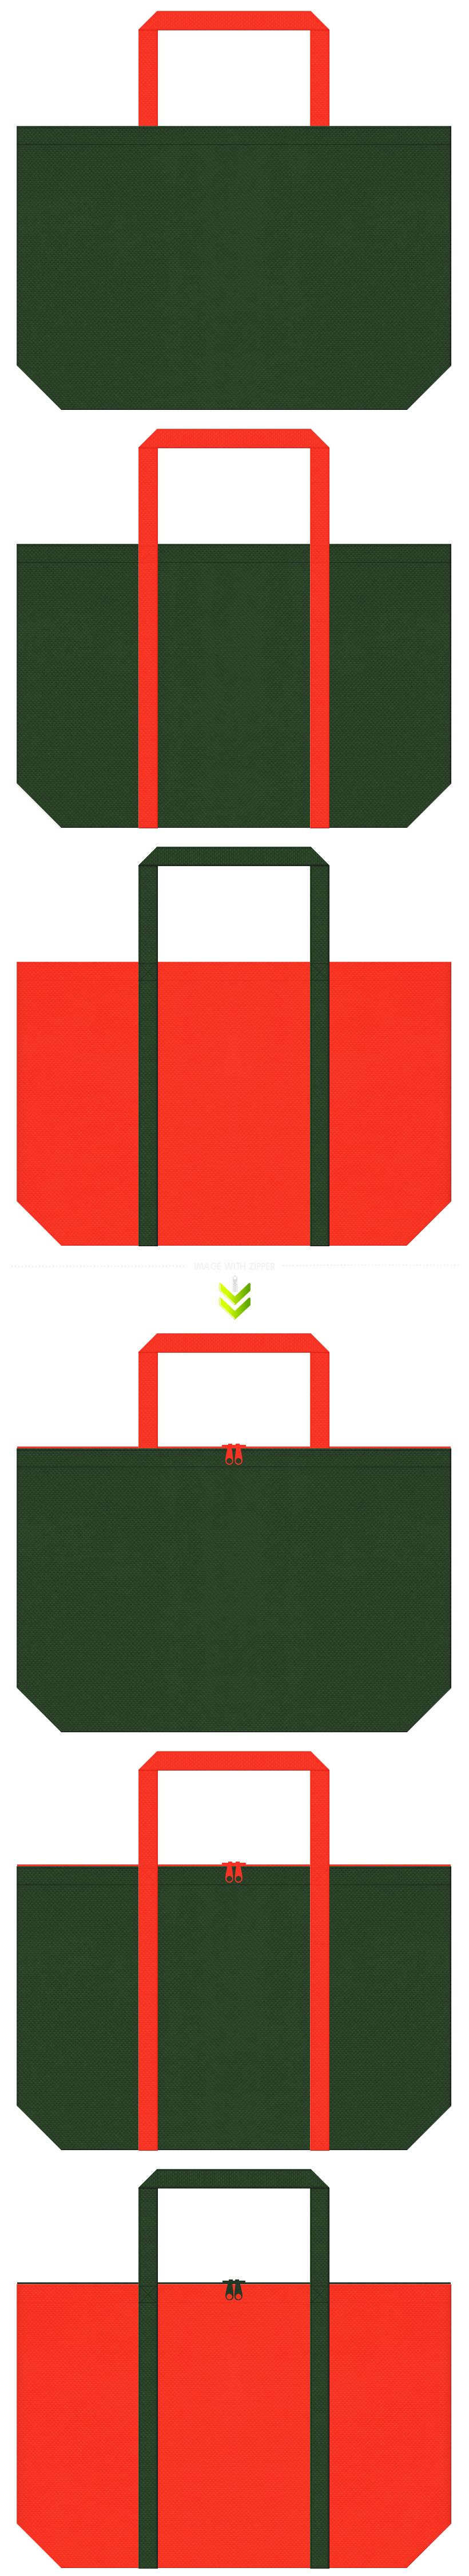 ハロウィンイベントのバッグノベルティにお奨めのコーデ。濃緑色とオレンジ色の不織布エコバッグのデザイン。仮装衣装のキャリー用途を推奨。